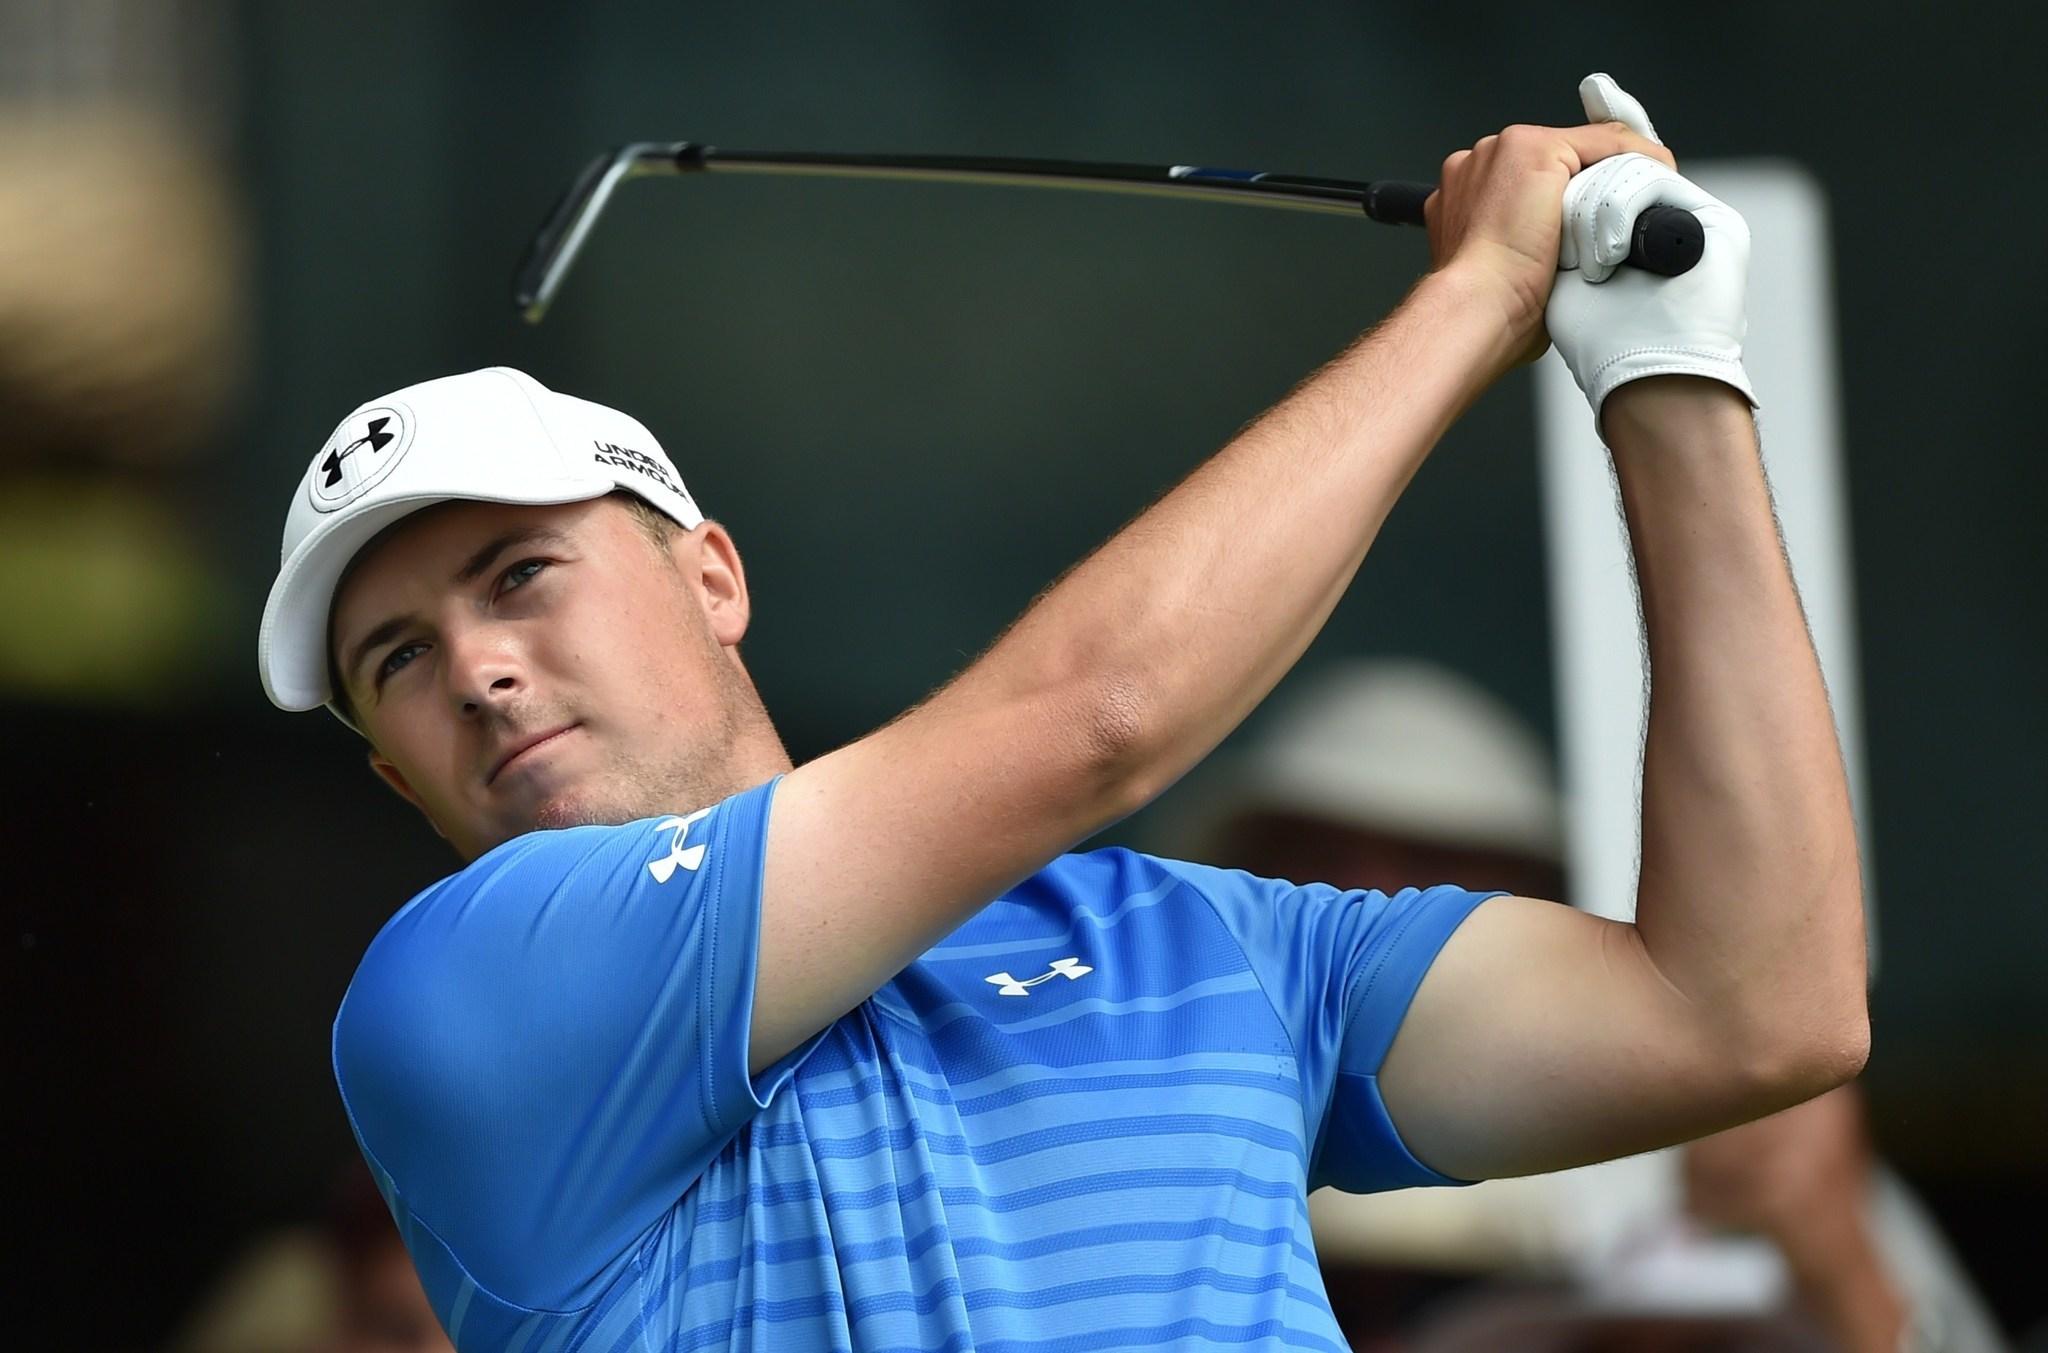 6143b77dee97d2 Under Armour signs deal with pro golfer Jordan Spieth - Baltimore Sun